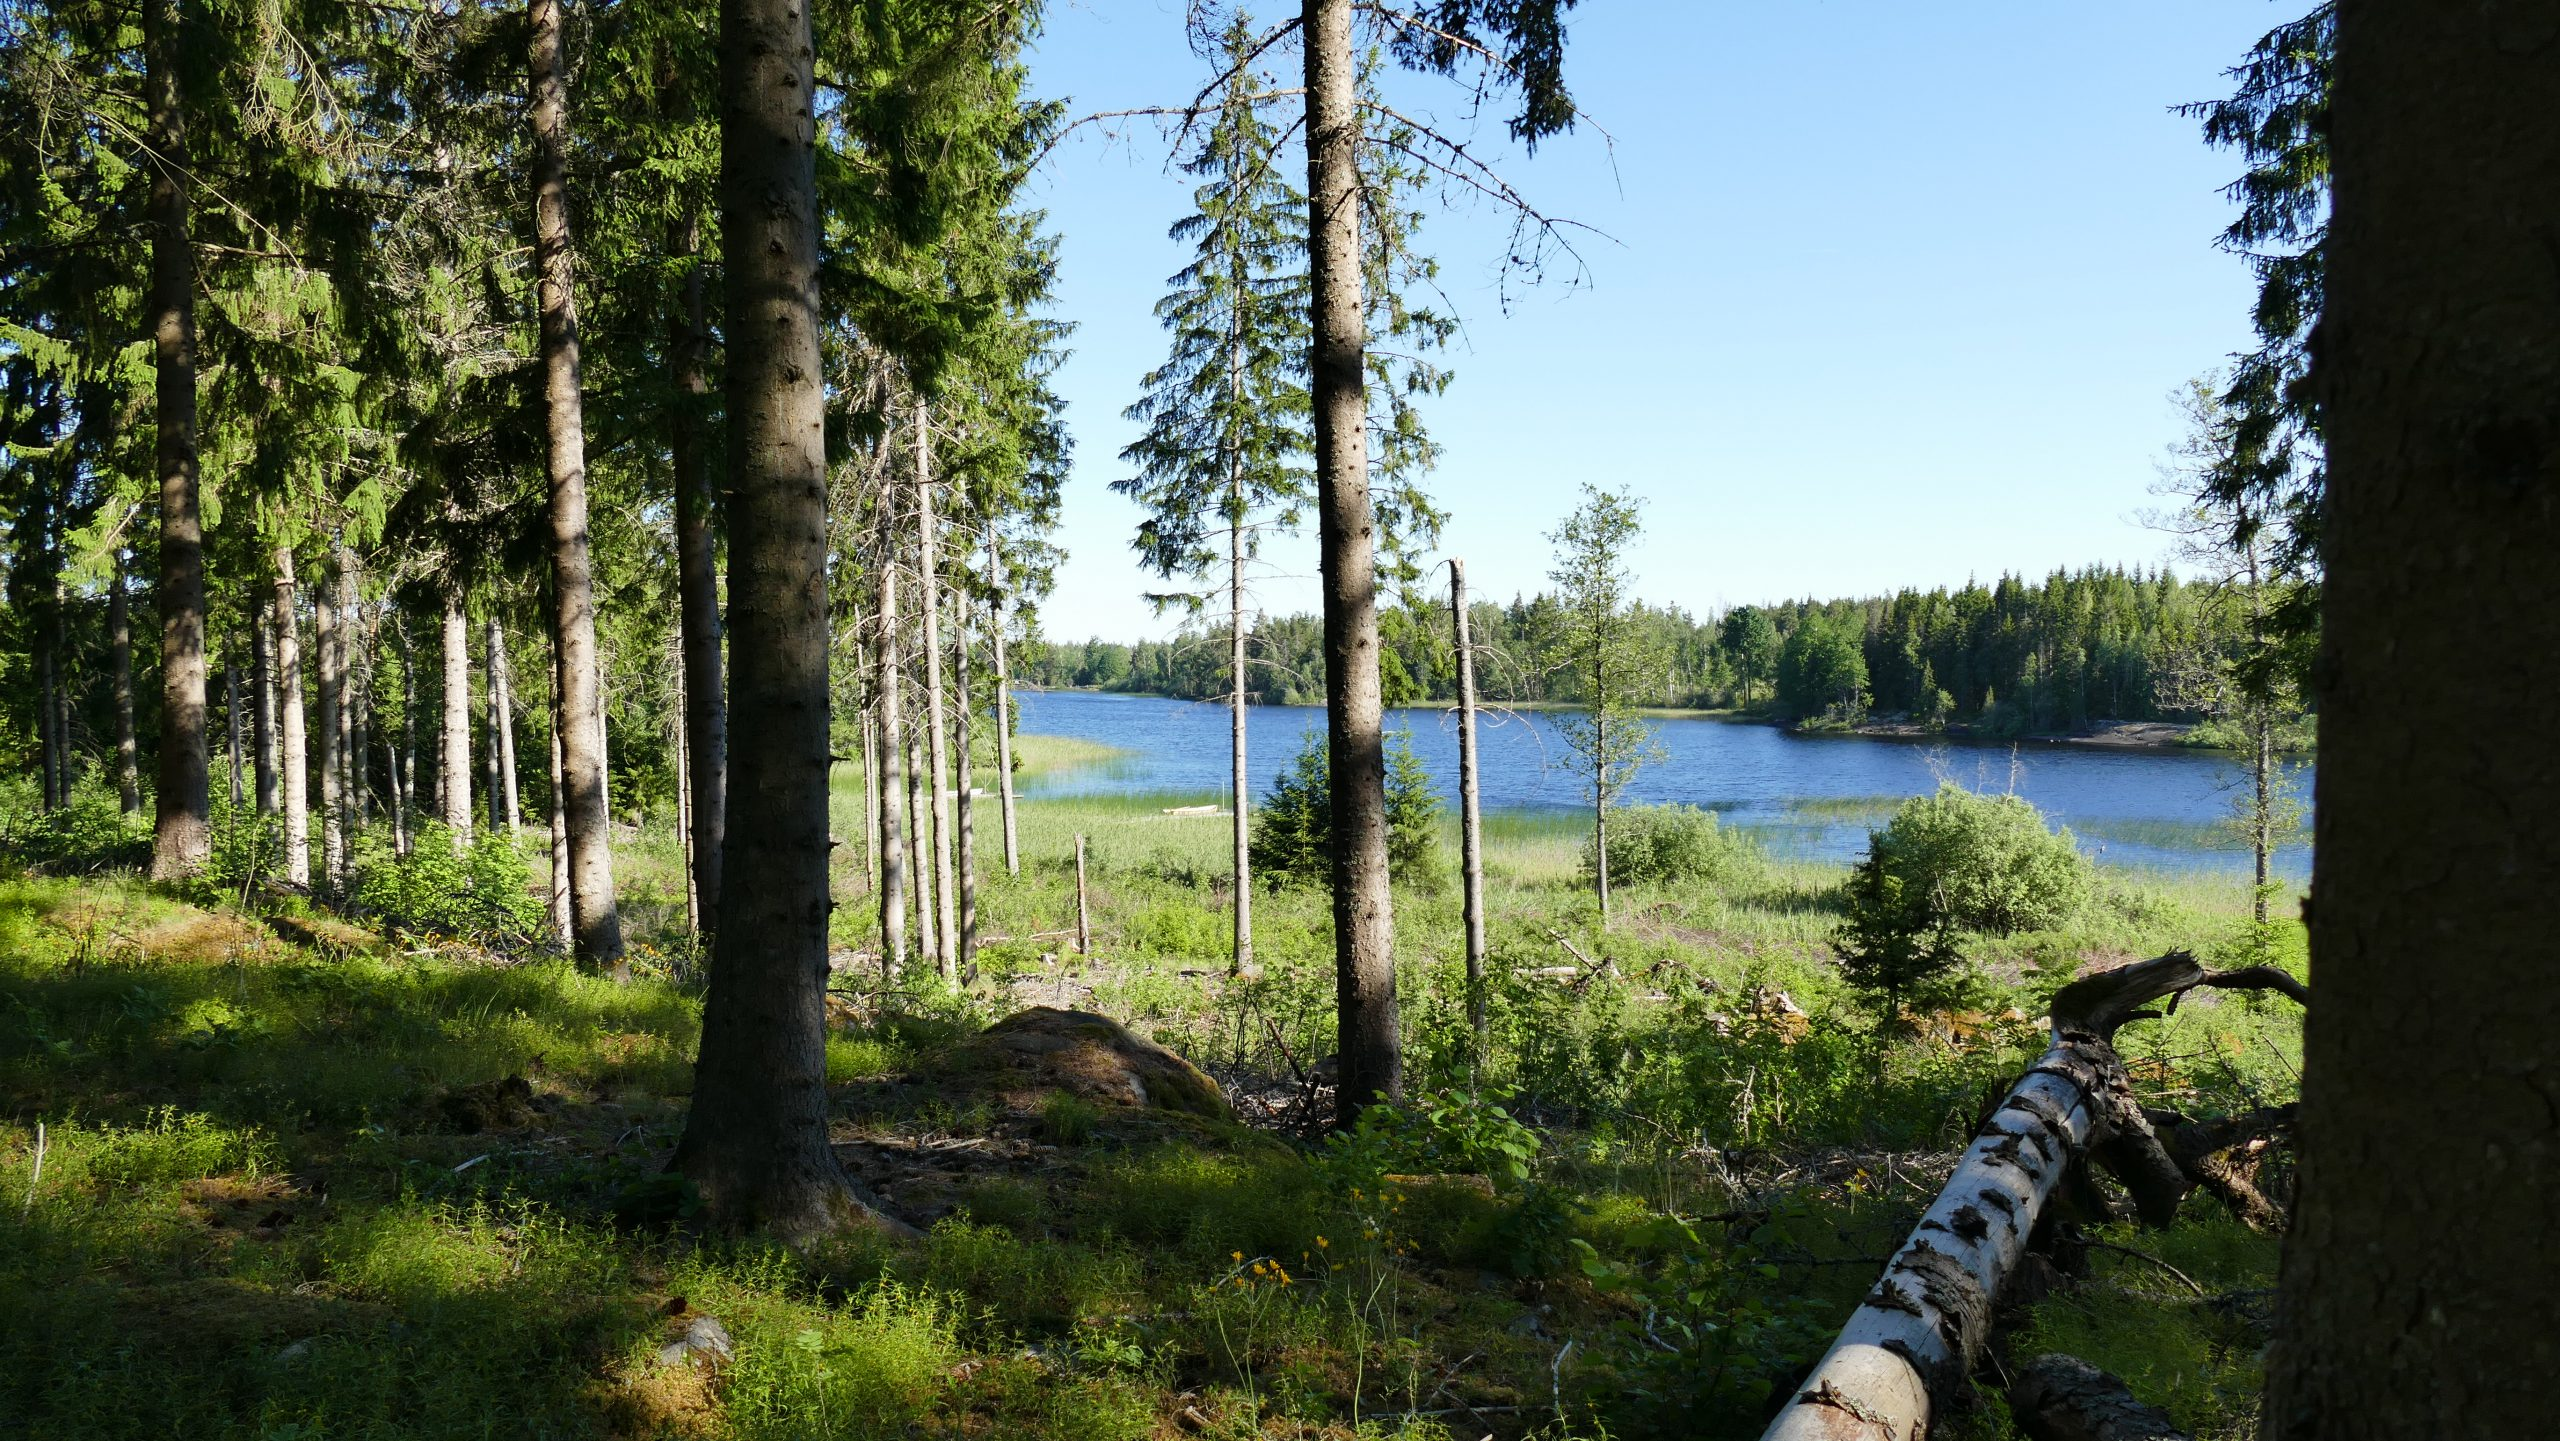 Tolles Seegrundstück im schwedischen Småland